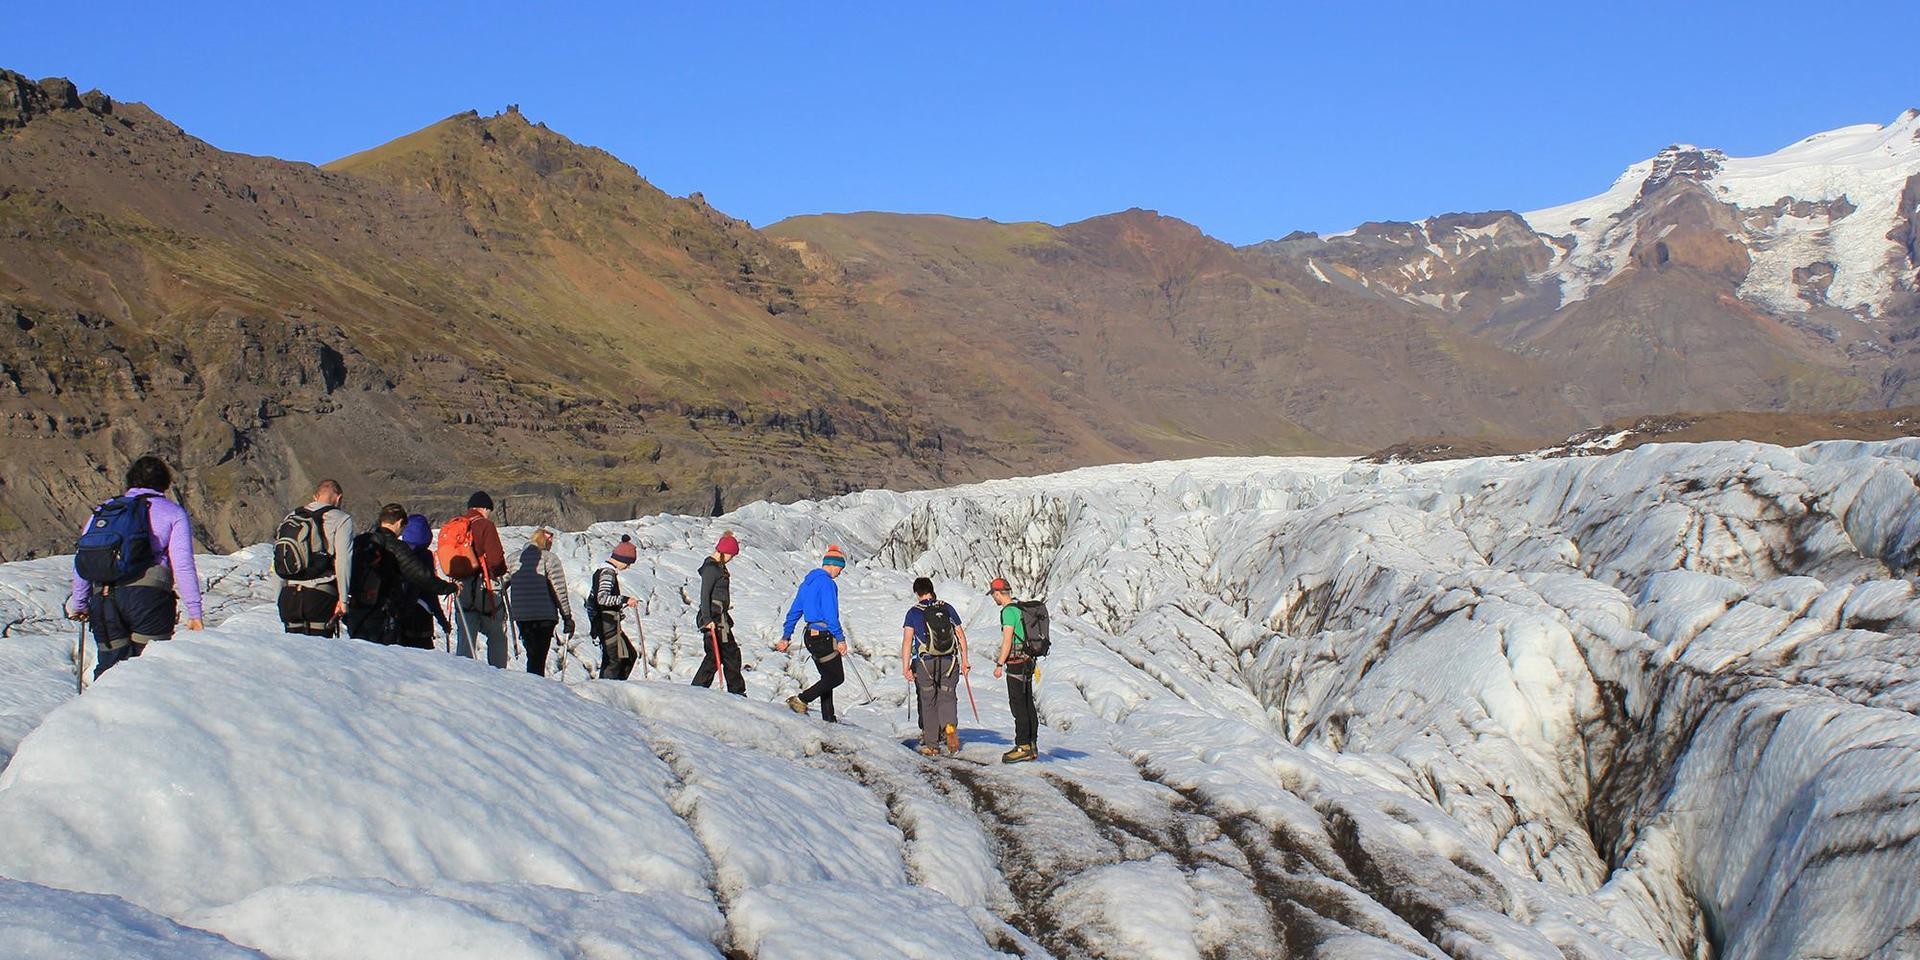 学生们走在冰岛野外课程的冰川上.